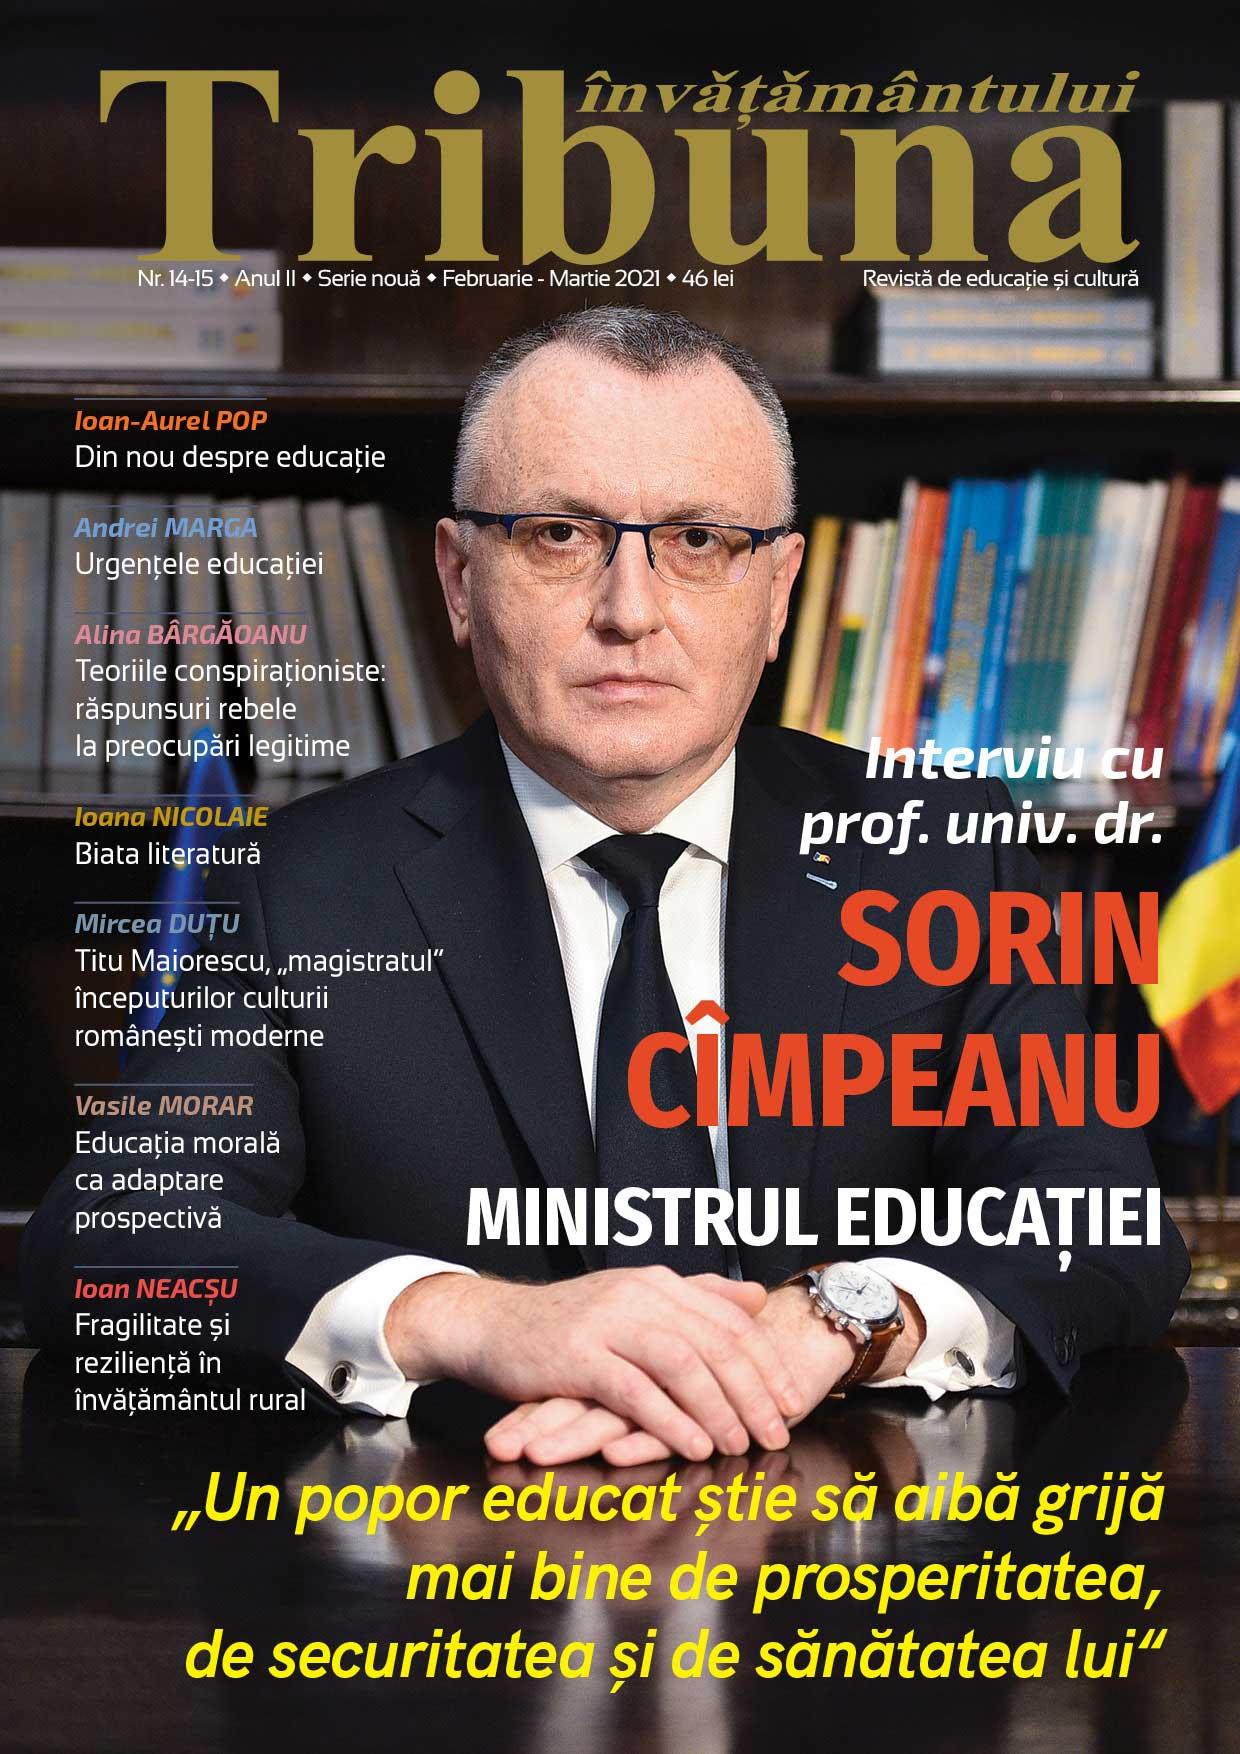 """Interviu cu prof. univ. dr. Sorin Mihai Cîmpeanu, ministrul Educației: """"Un popor educat  știe să aibă grijă  mai bine  de prosperitatea,  de securitatea  și de sănătatea lui"""""""